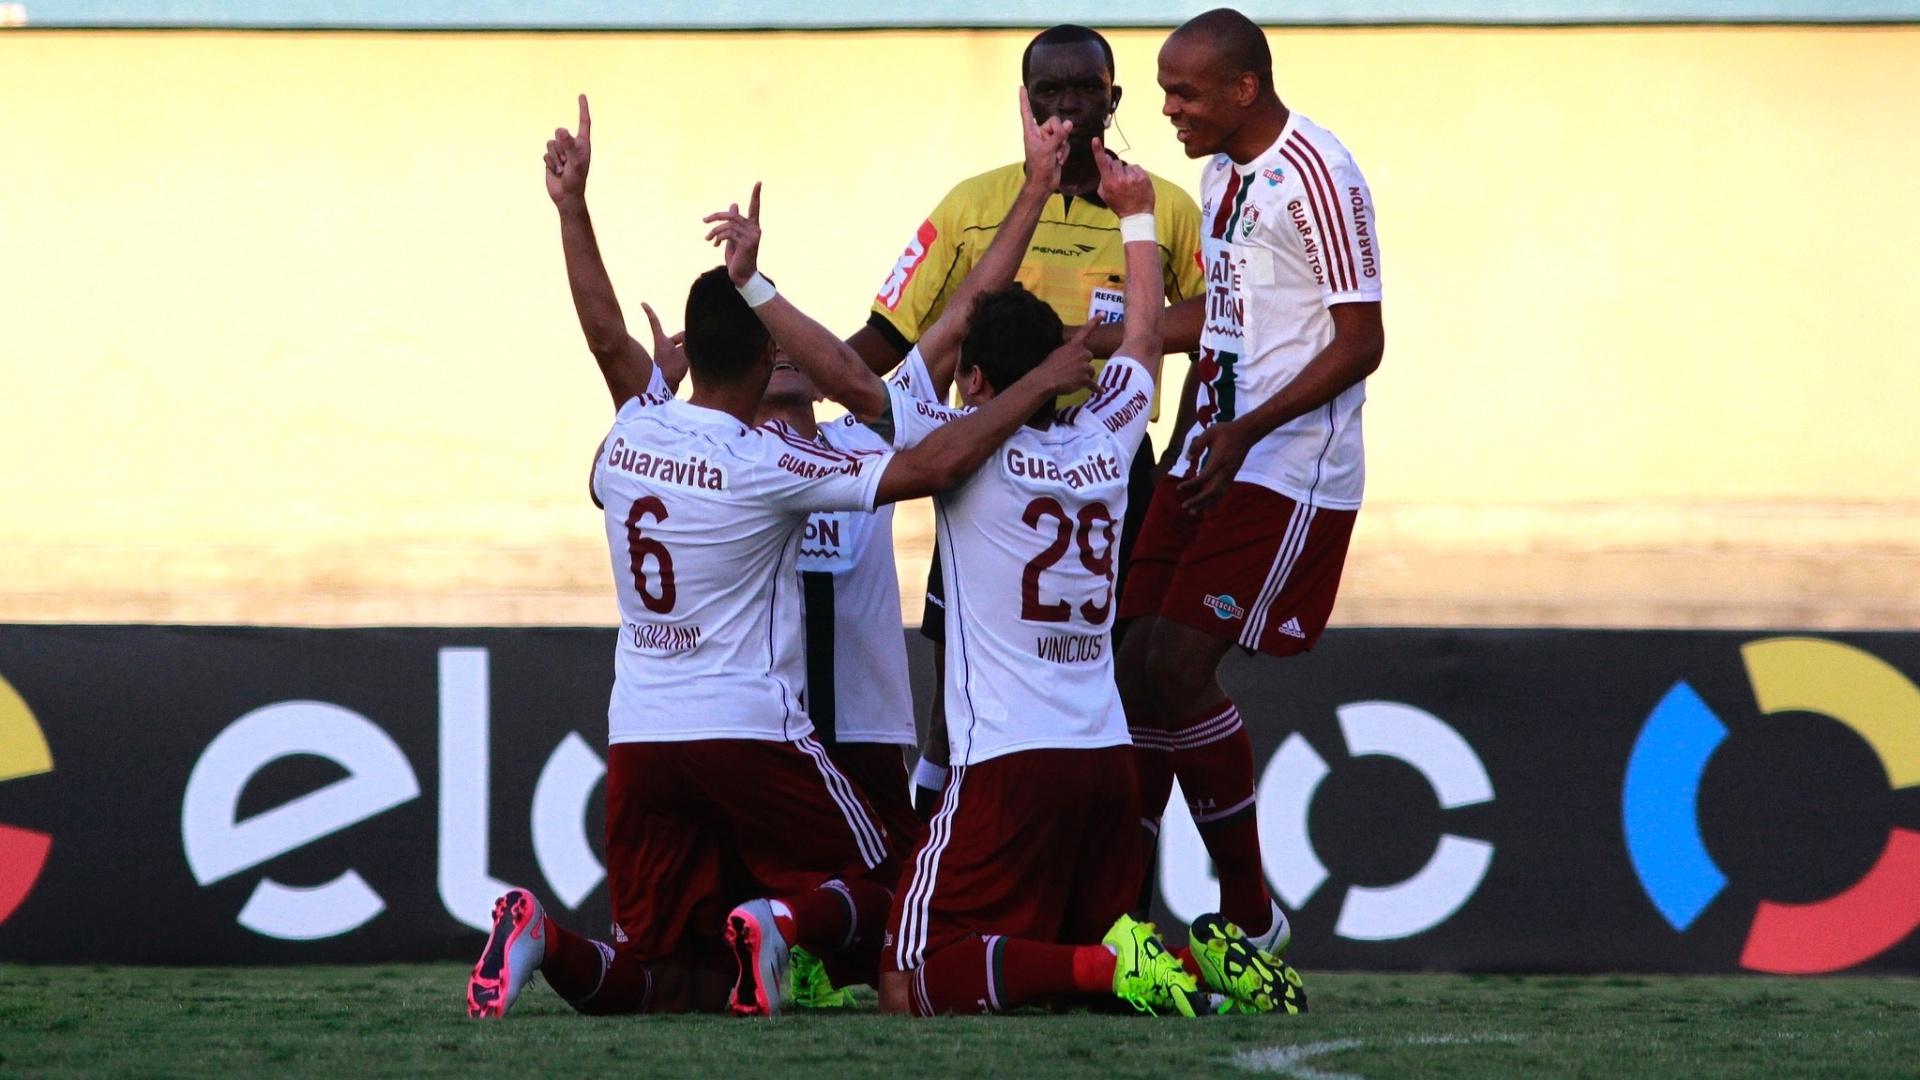 Jogadores do Fluminense comemoram gol em partida contra o Goiás, neste domingo (28), pelo Campeonato Brasileiro